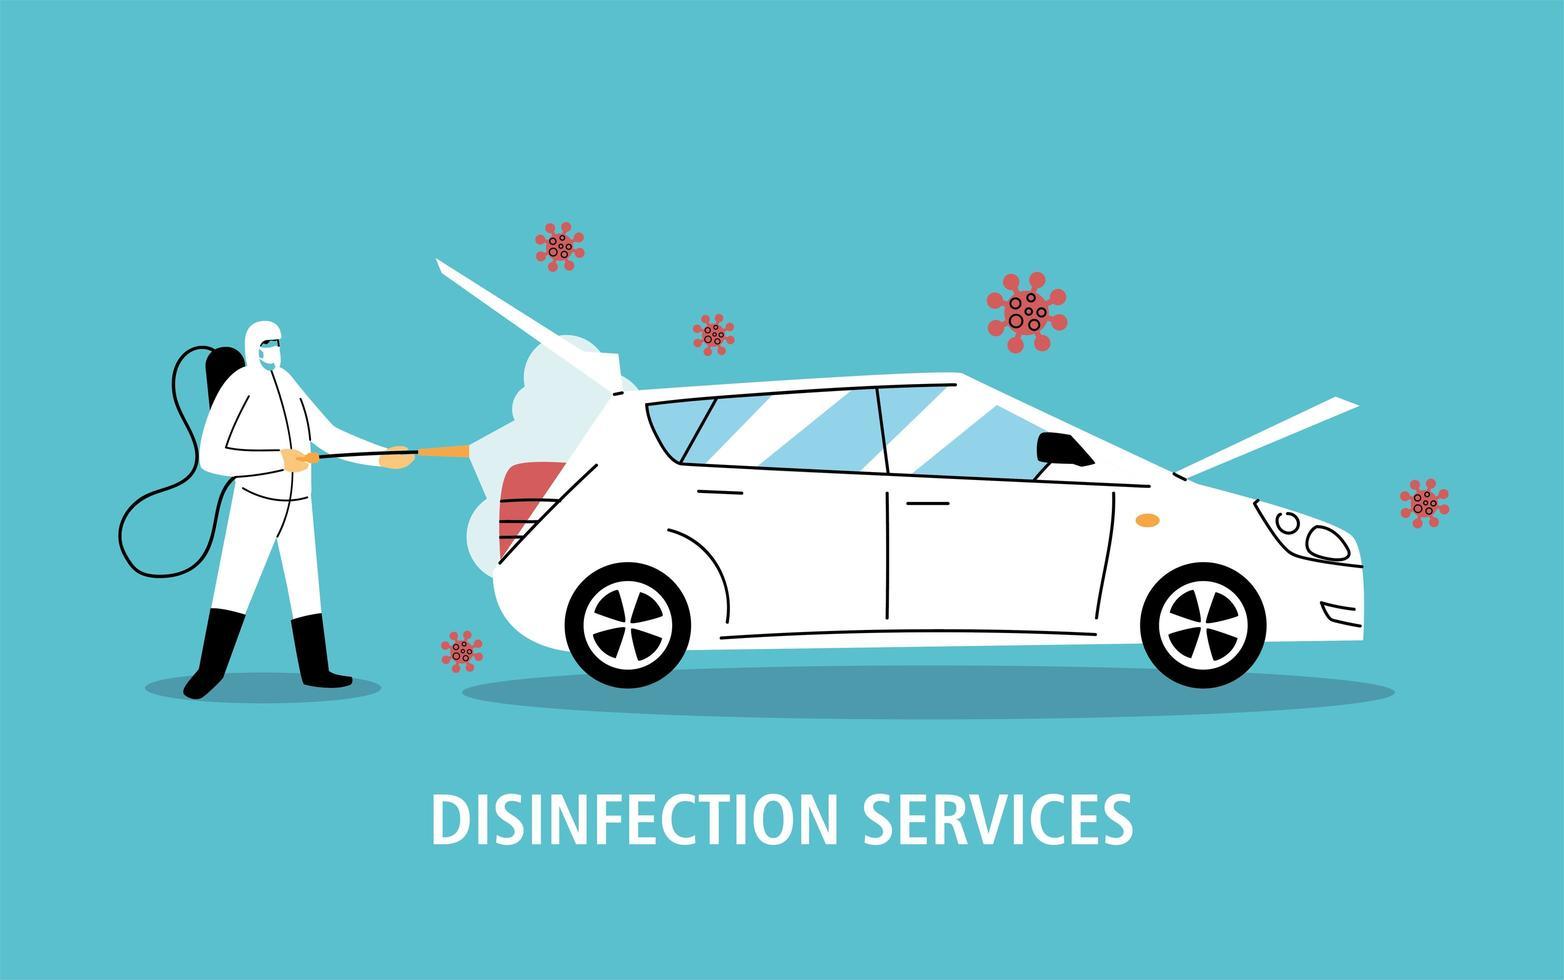 desinfecção de carro de serviço por coronavírus ou covid 19 vetor